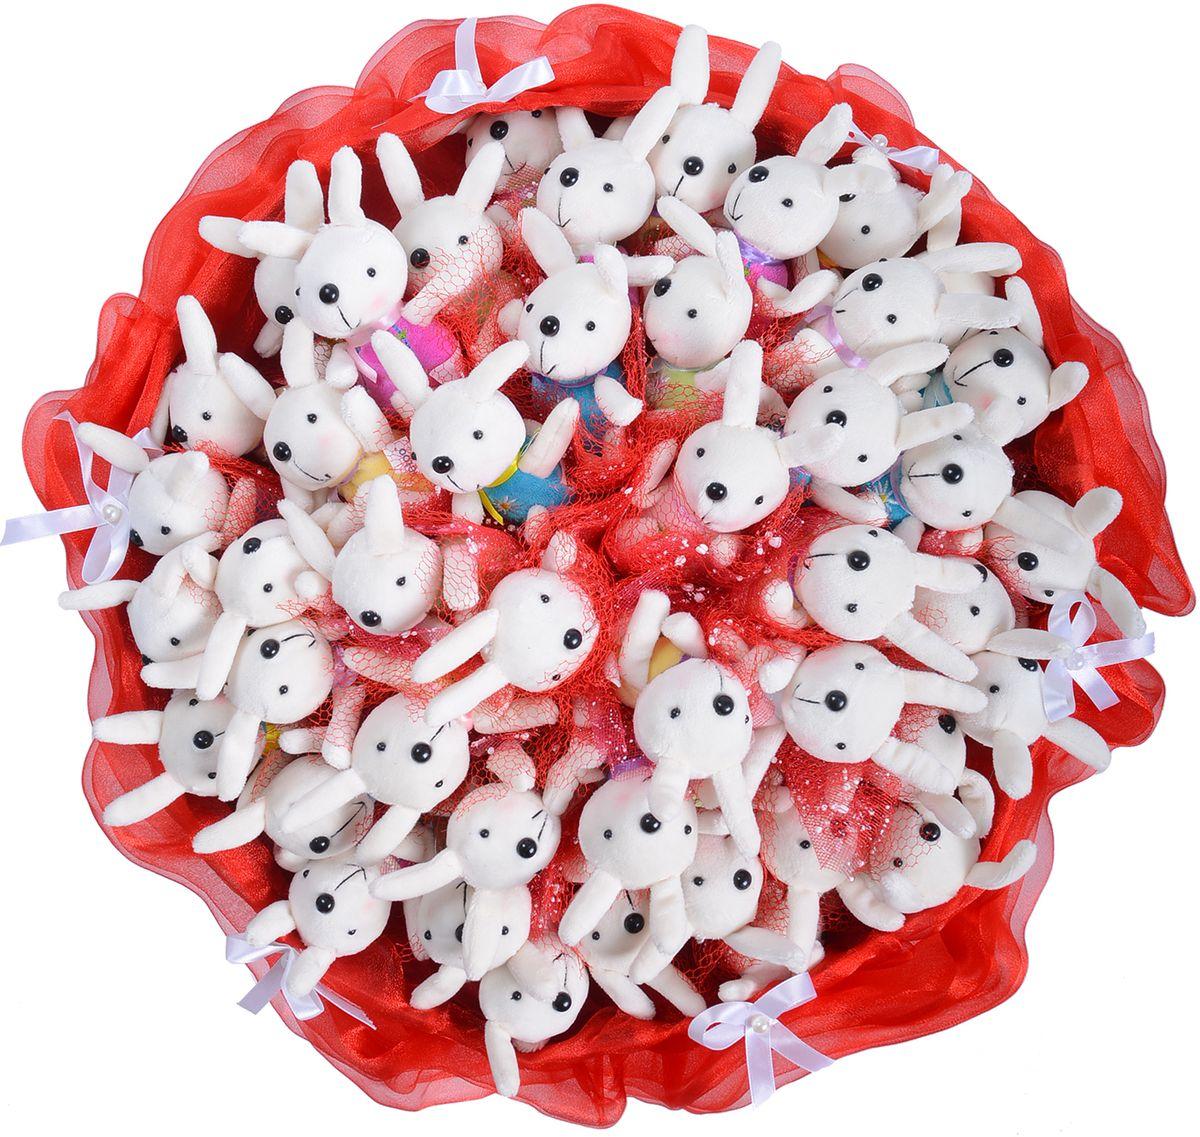 Букет из игрушек Toy Bouquet Маленькие зайчата, цвет: красный, 45 игрушекRS003-45-31Великолепный букет из 45 милых зайчиков упакован в мягкую струящуюся органзунасыщенного красного цвета с добавлением флористической сетки, декорированмаленькими атласными бантиками по краю букета и перевязан широкой атласной лентой сдобавлением золотой парчовой тесьмы. Мягкие игрушки, оформленные в букет – приятный подарок для любимой, для мамы,подруги или для ребенка. Оригинальные букеты торговой марки Toy Bouquet из мягкихигрушек прекрасно подойдут для многих праздников: День Святого Валентина, 8 марта,день рождения, выпускной, а также на другие памятные даты или годовщины.